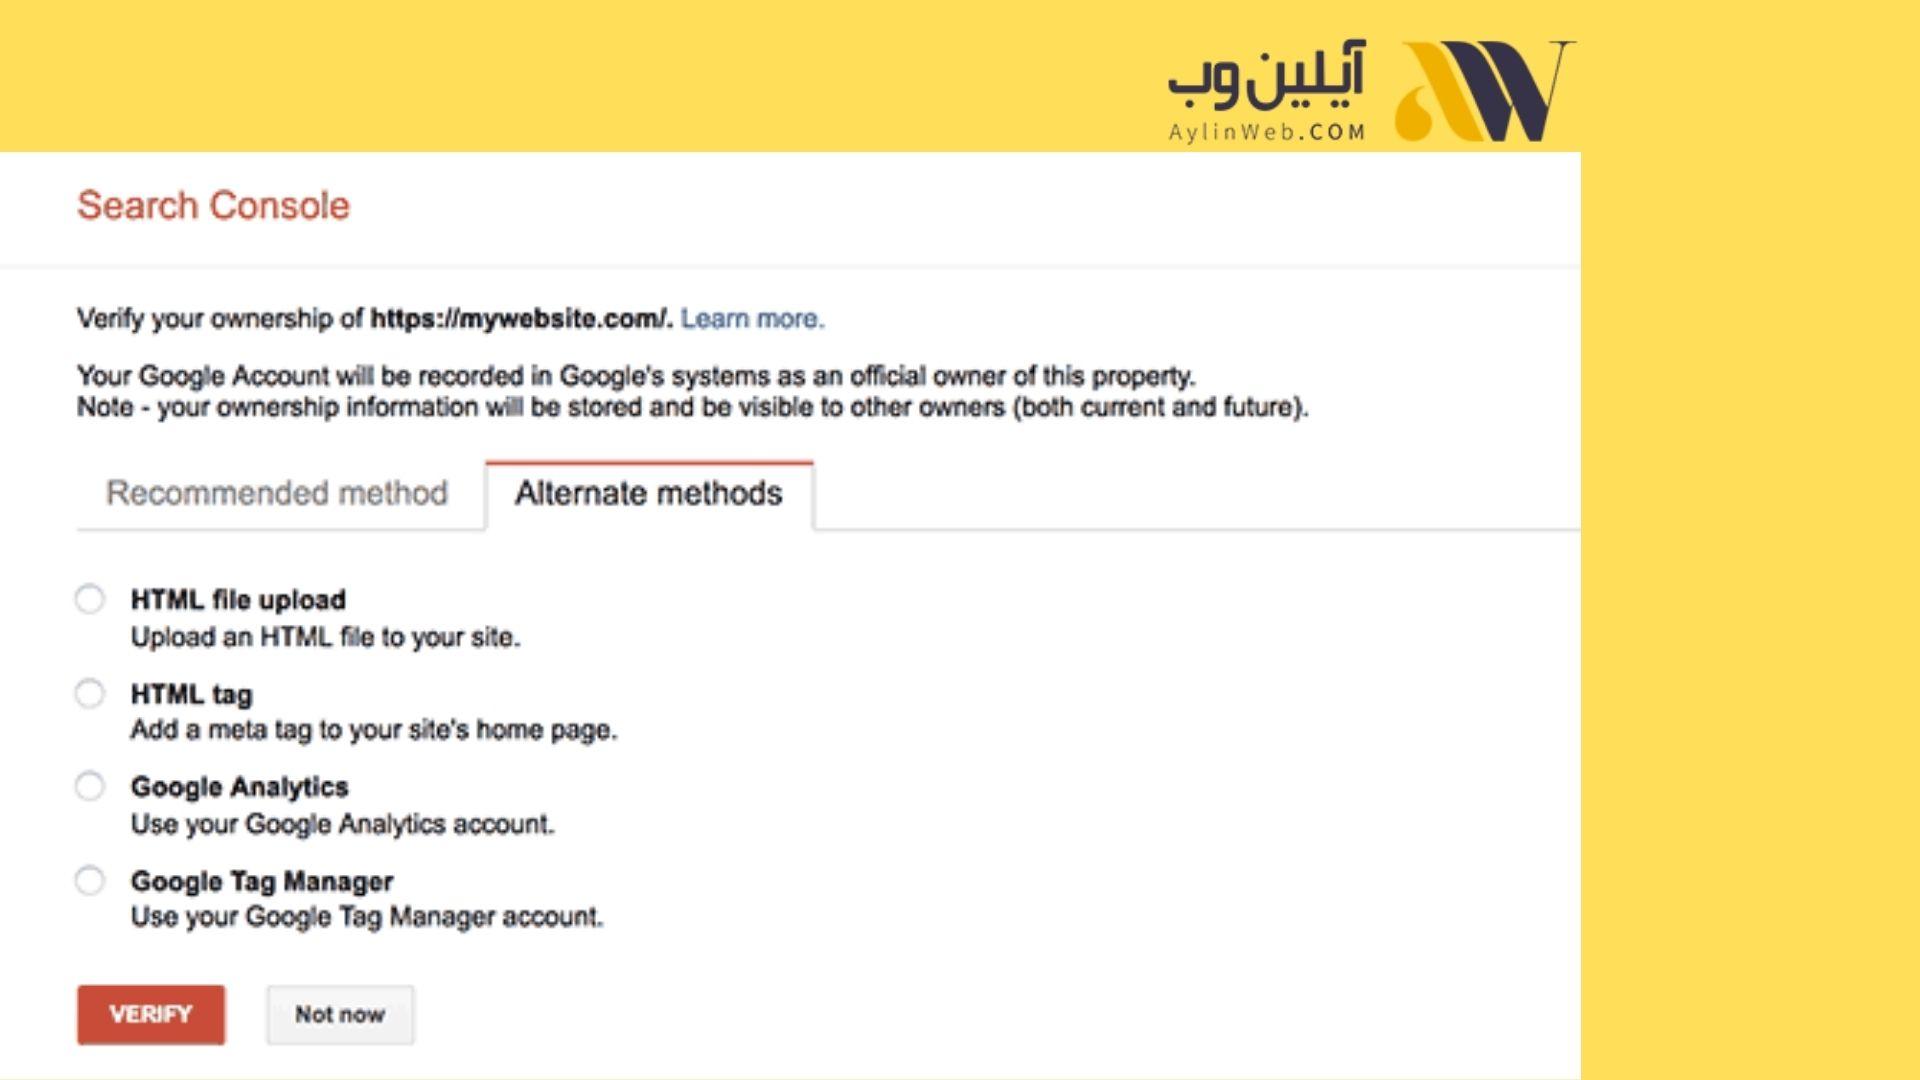 کارهای مرتبط به تاییدیه و احراز هویت در گوگل